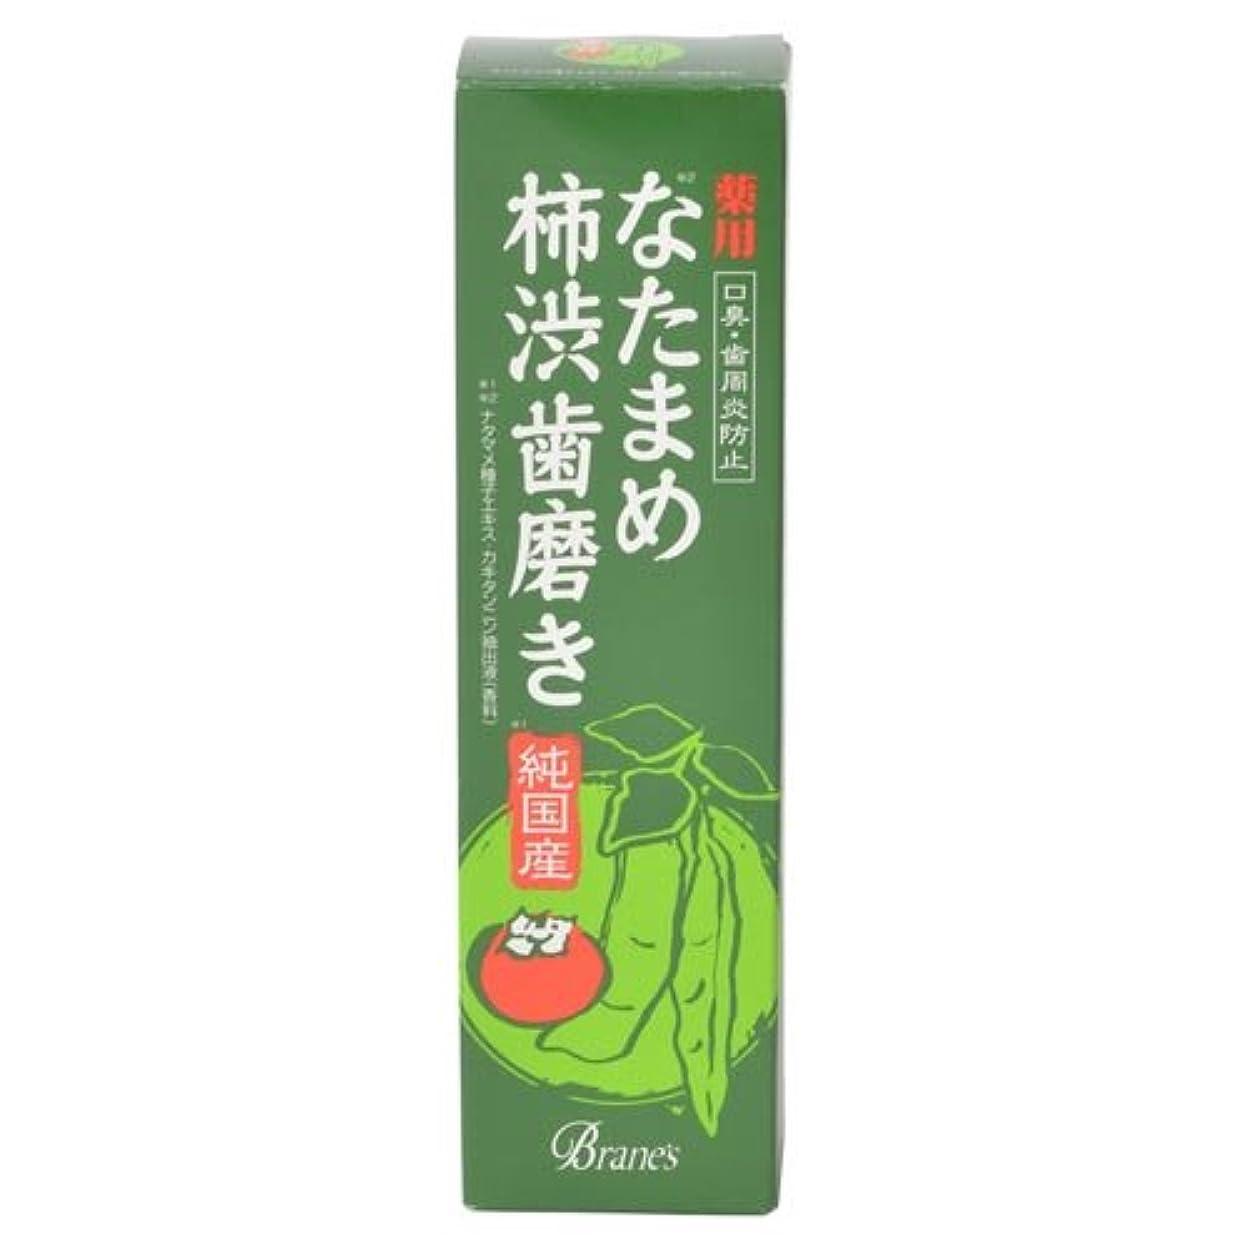 実験をする少し青写真薬用なたまめ柿渋歯磨き 120g